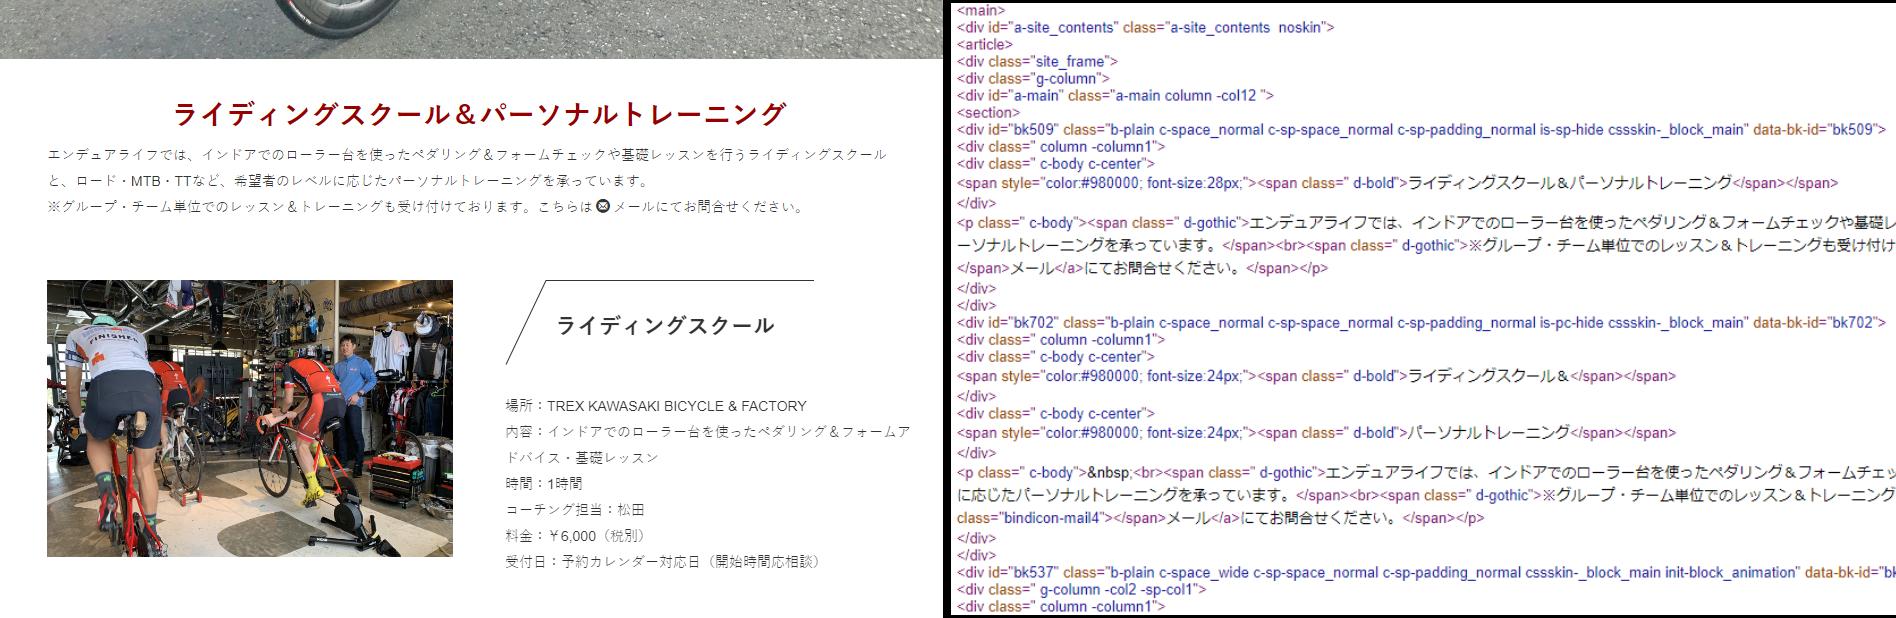 実例で納得、見やすいサイトに共通するデザインの法則